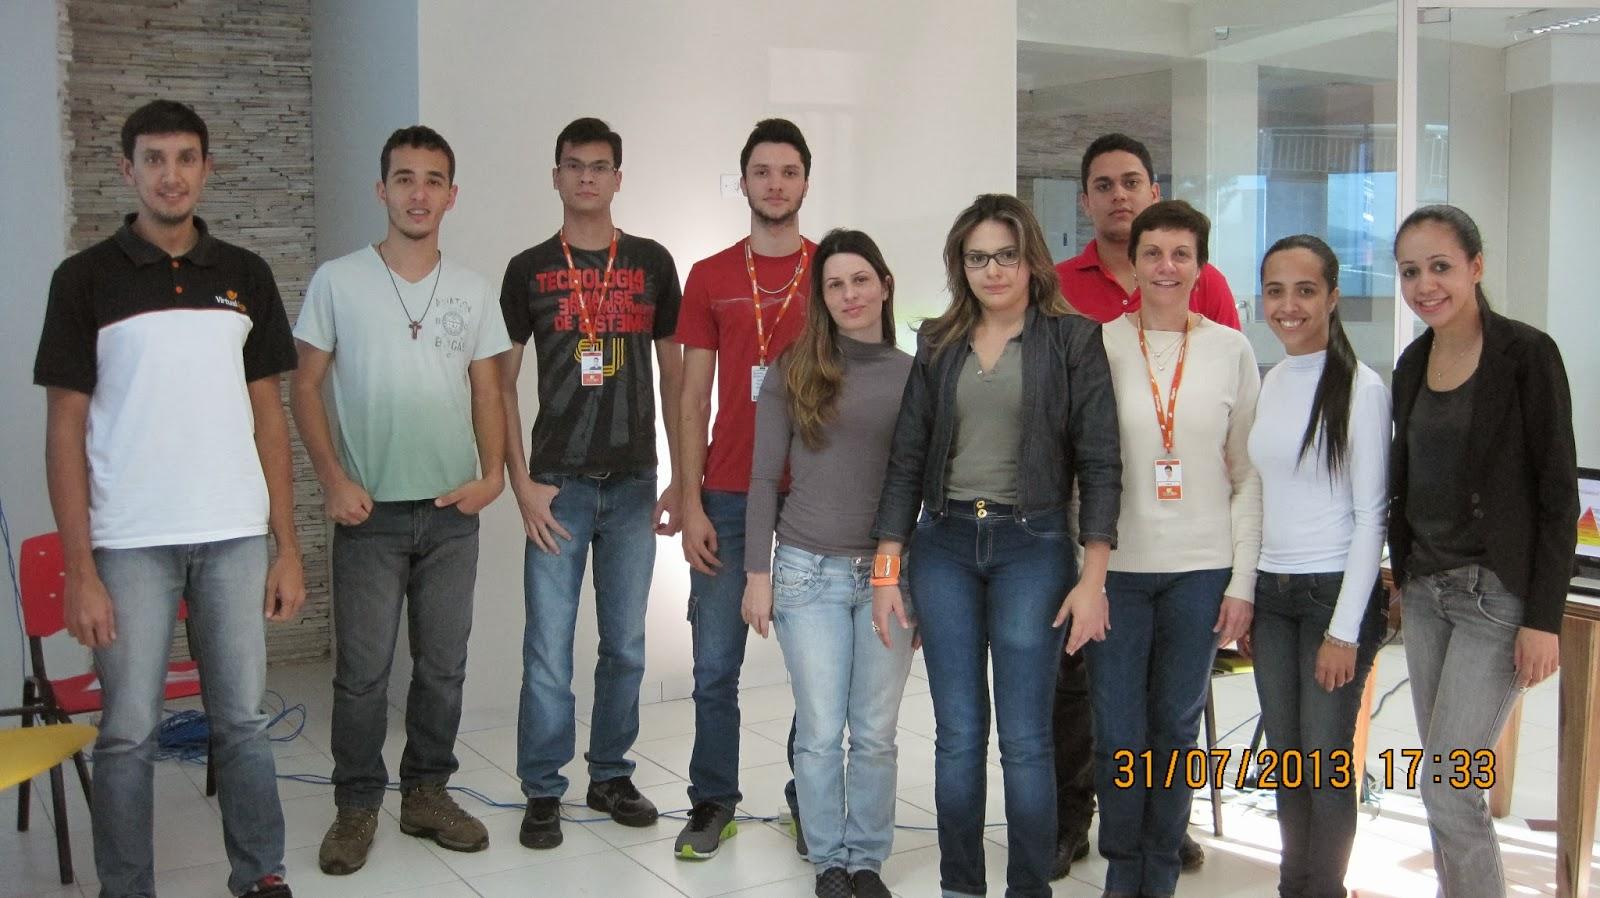 Treinamento Trabalho Em Equipe: Rosivani Cavalcanti: Treinamento Trabalho Em Equipe